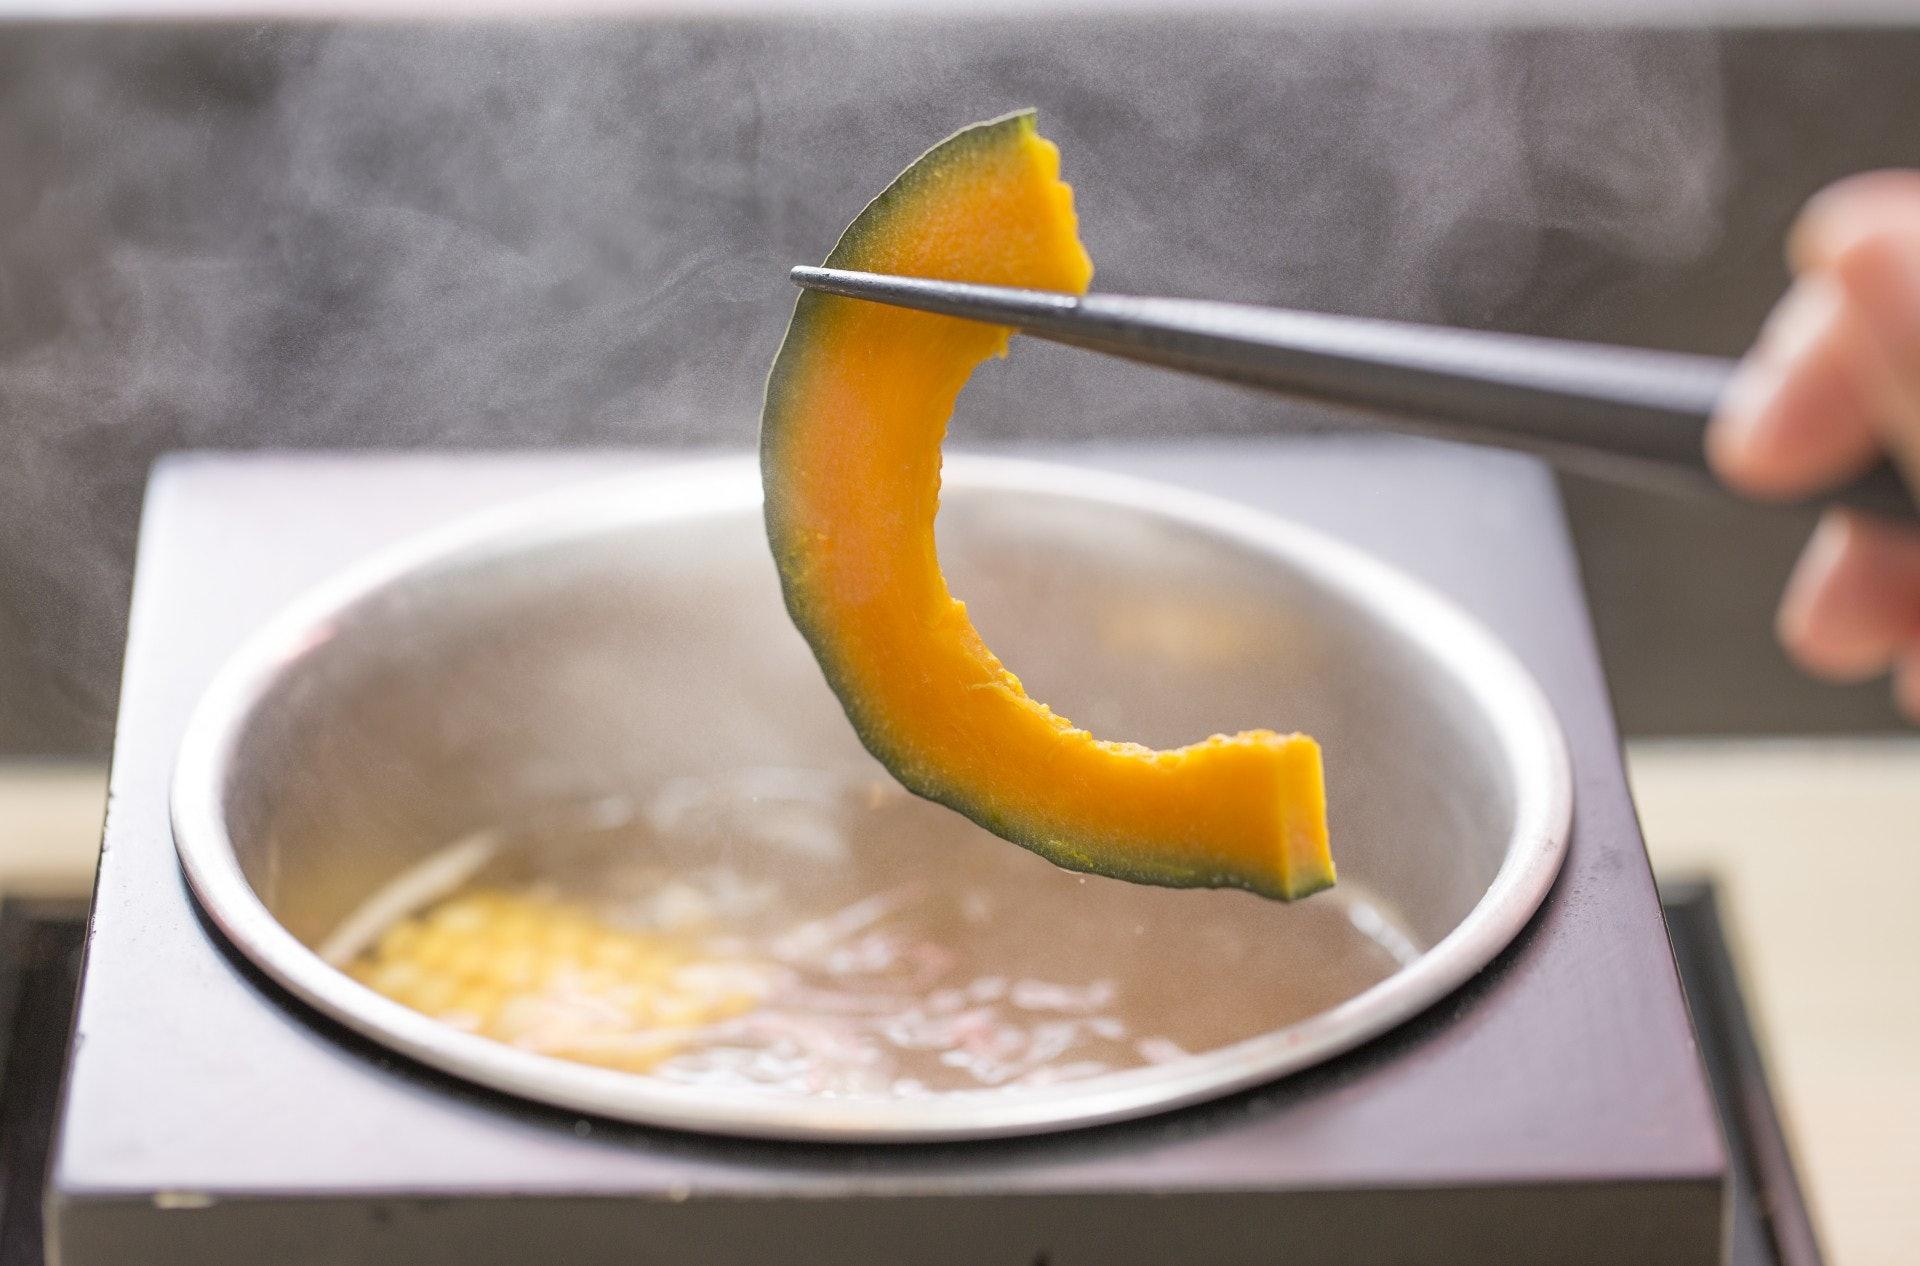 白灼菜煮食方式是有機會令營養素流失於水中。(資料圖片)